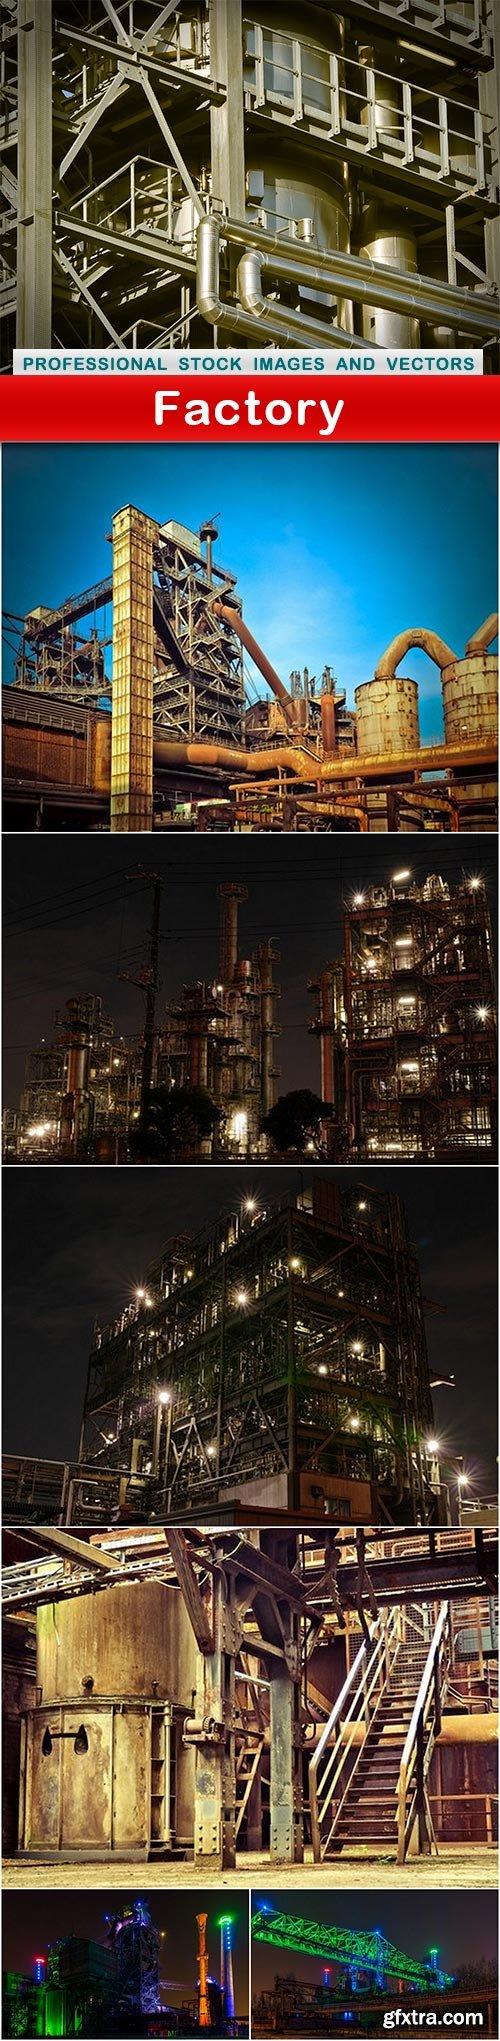 Factory - 7 UHQ JPEG